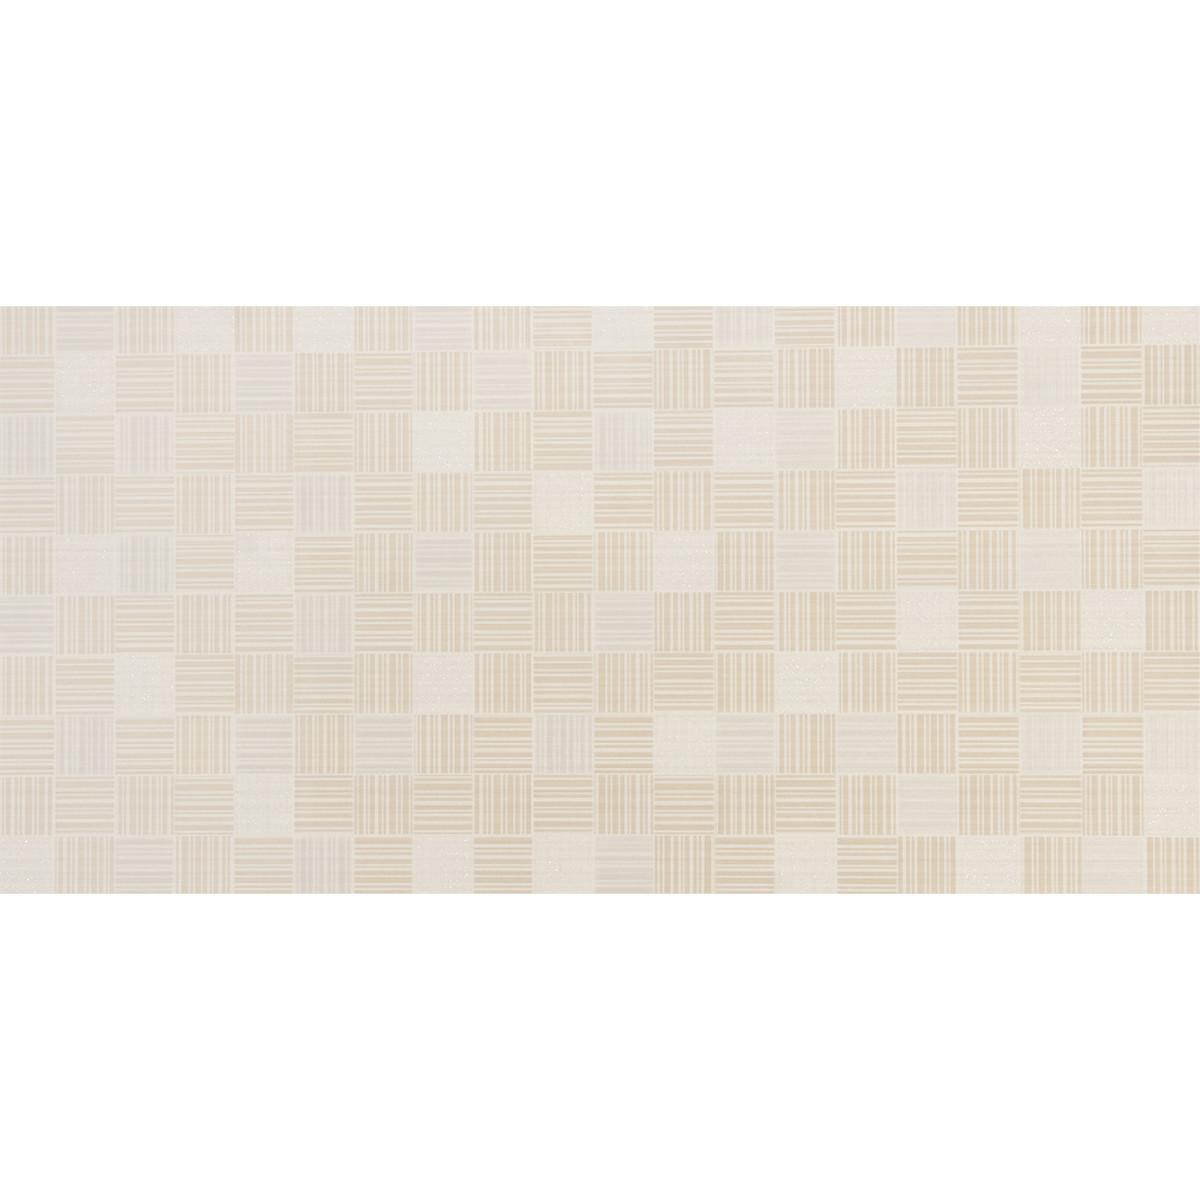 Вставка Пиксел 25х50 см цвет белый